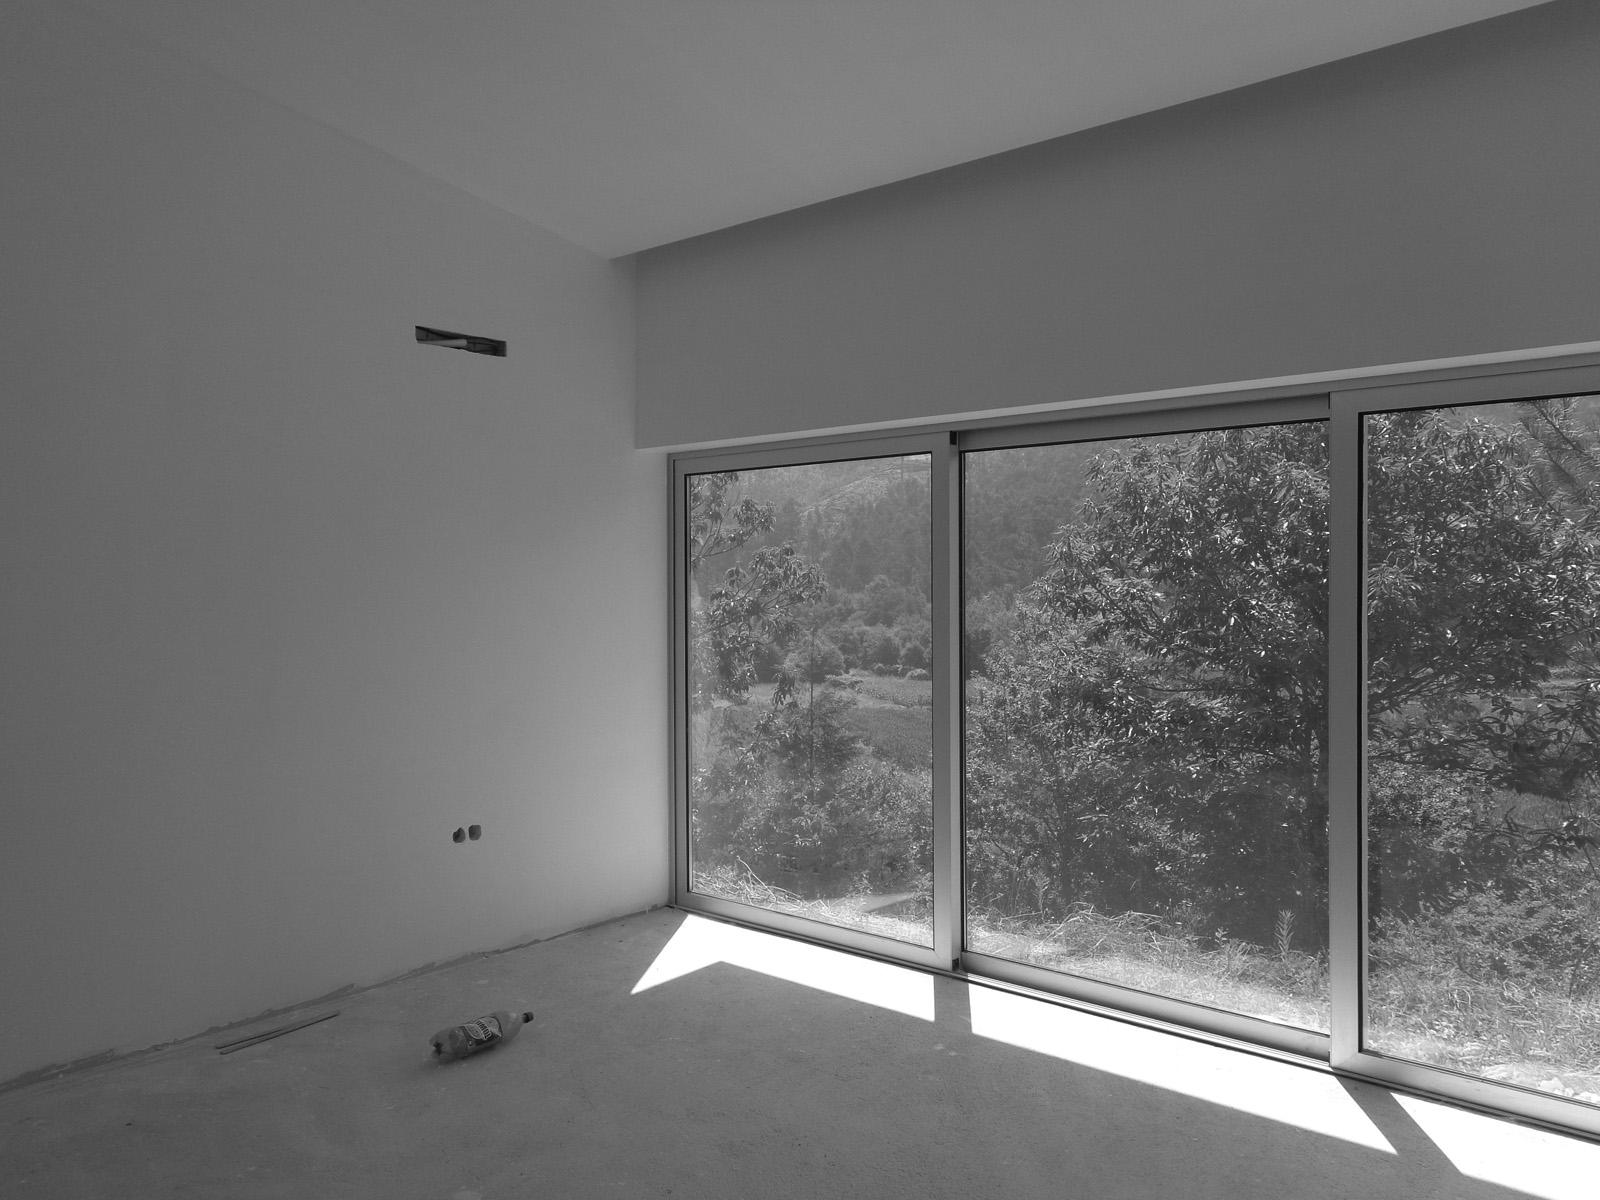 Moradia S+N - arquitectura - ossela - oliveira de azeméis - construção - arquitectos Porto - EVA evolutionary architecture (13).jpg